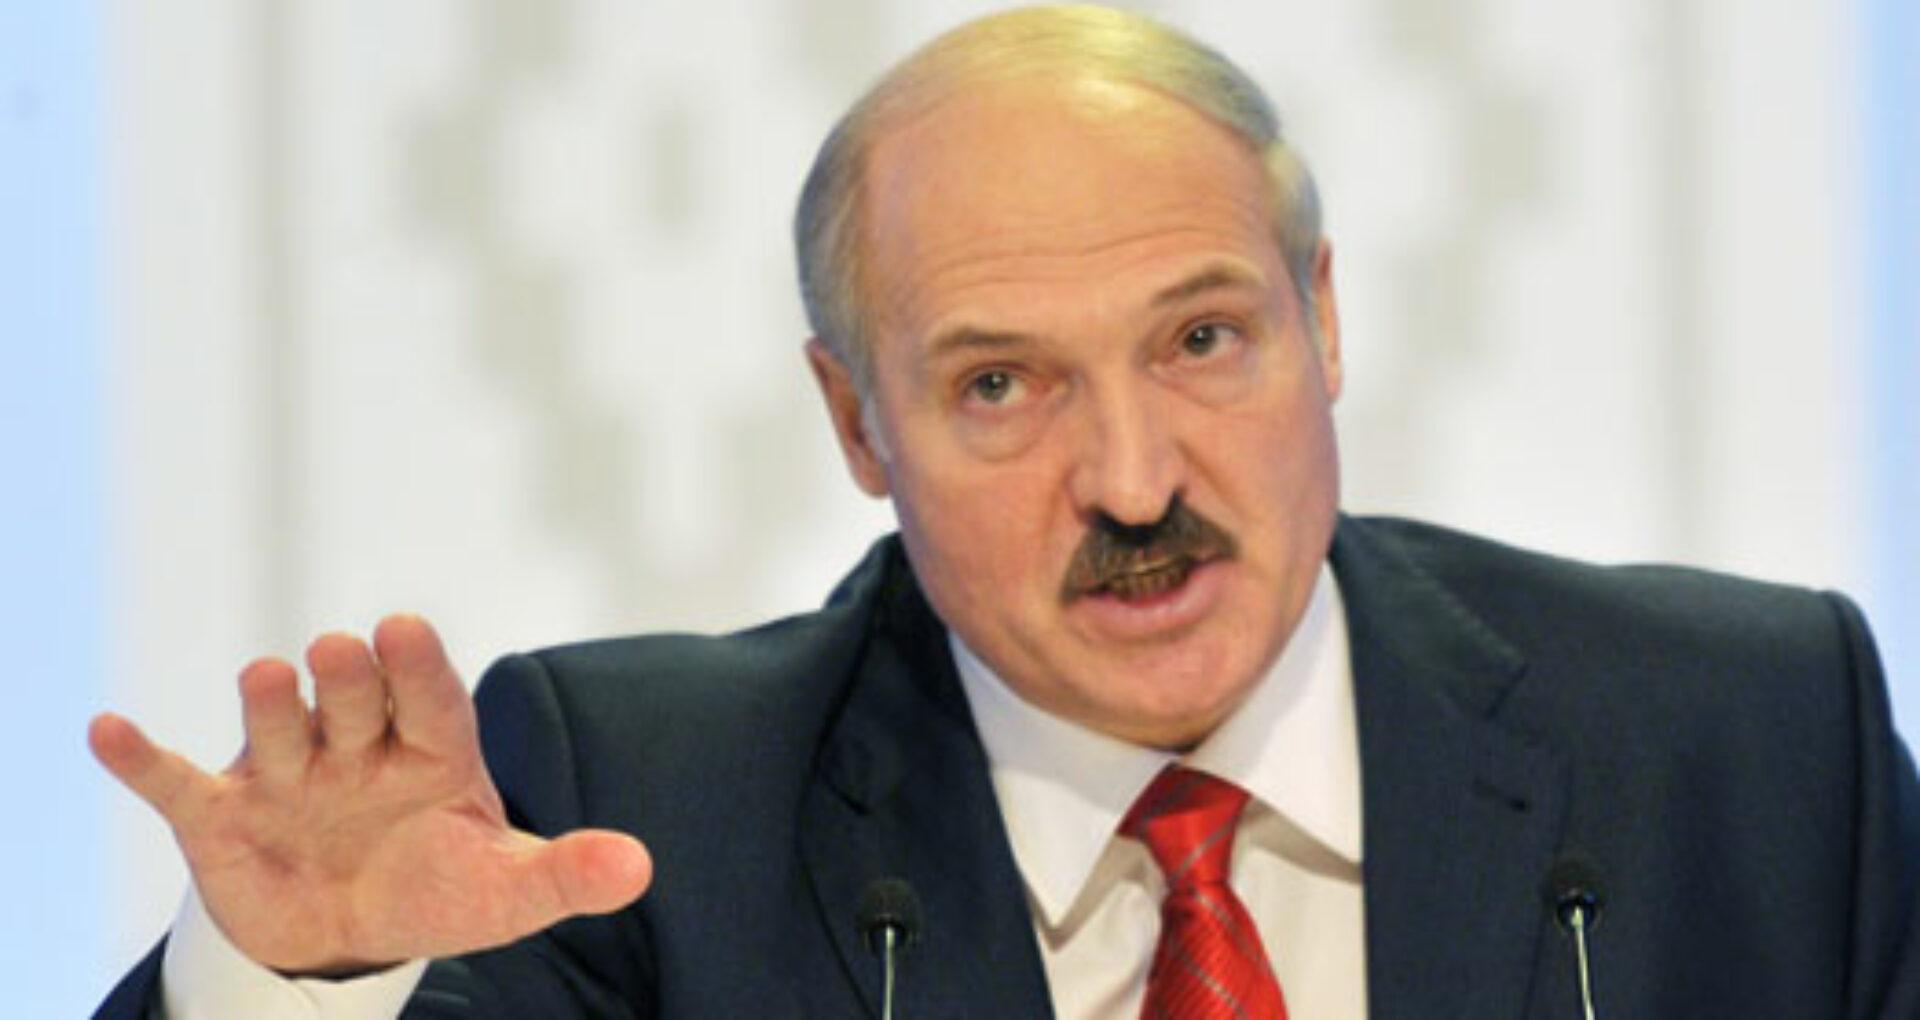 """Lukașenko acuză Occidentul că a folosit incidentul avionului deturnat la Minsk pentru a încerca să-l submineze: """"Am acționat legal pentru a-mi proteja oamenii"""""""